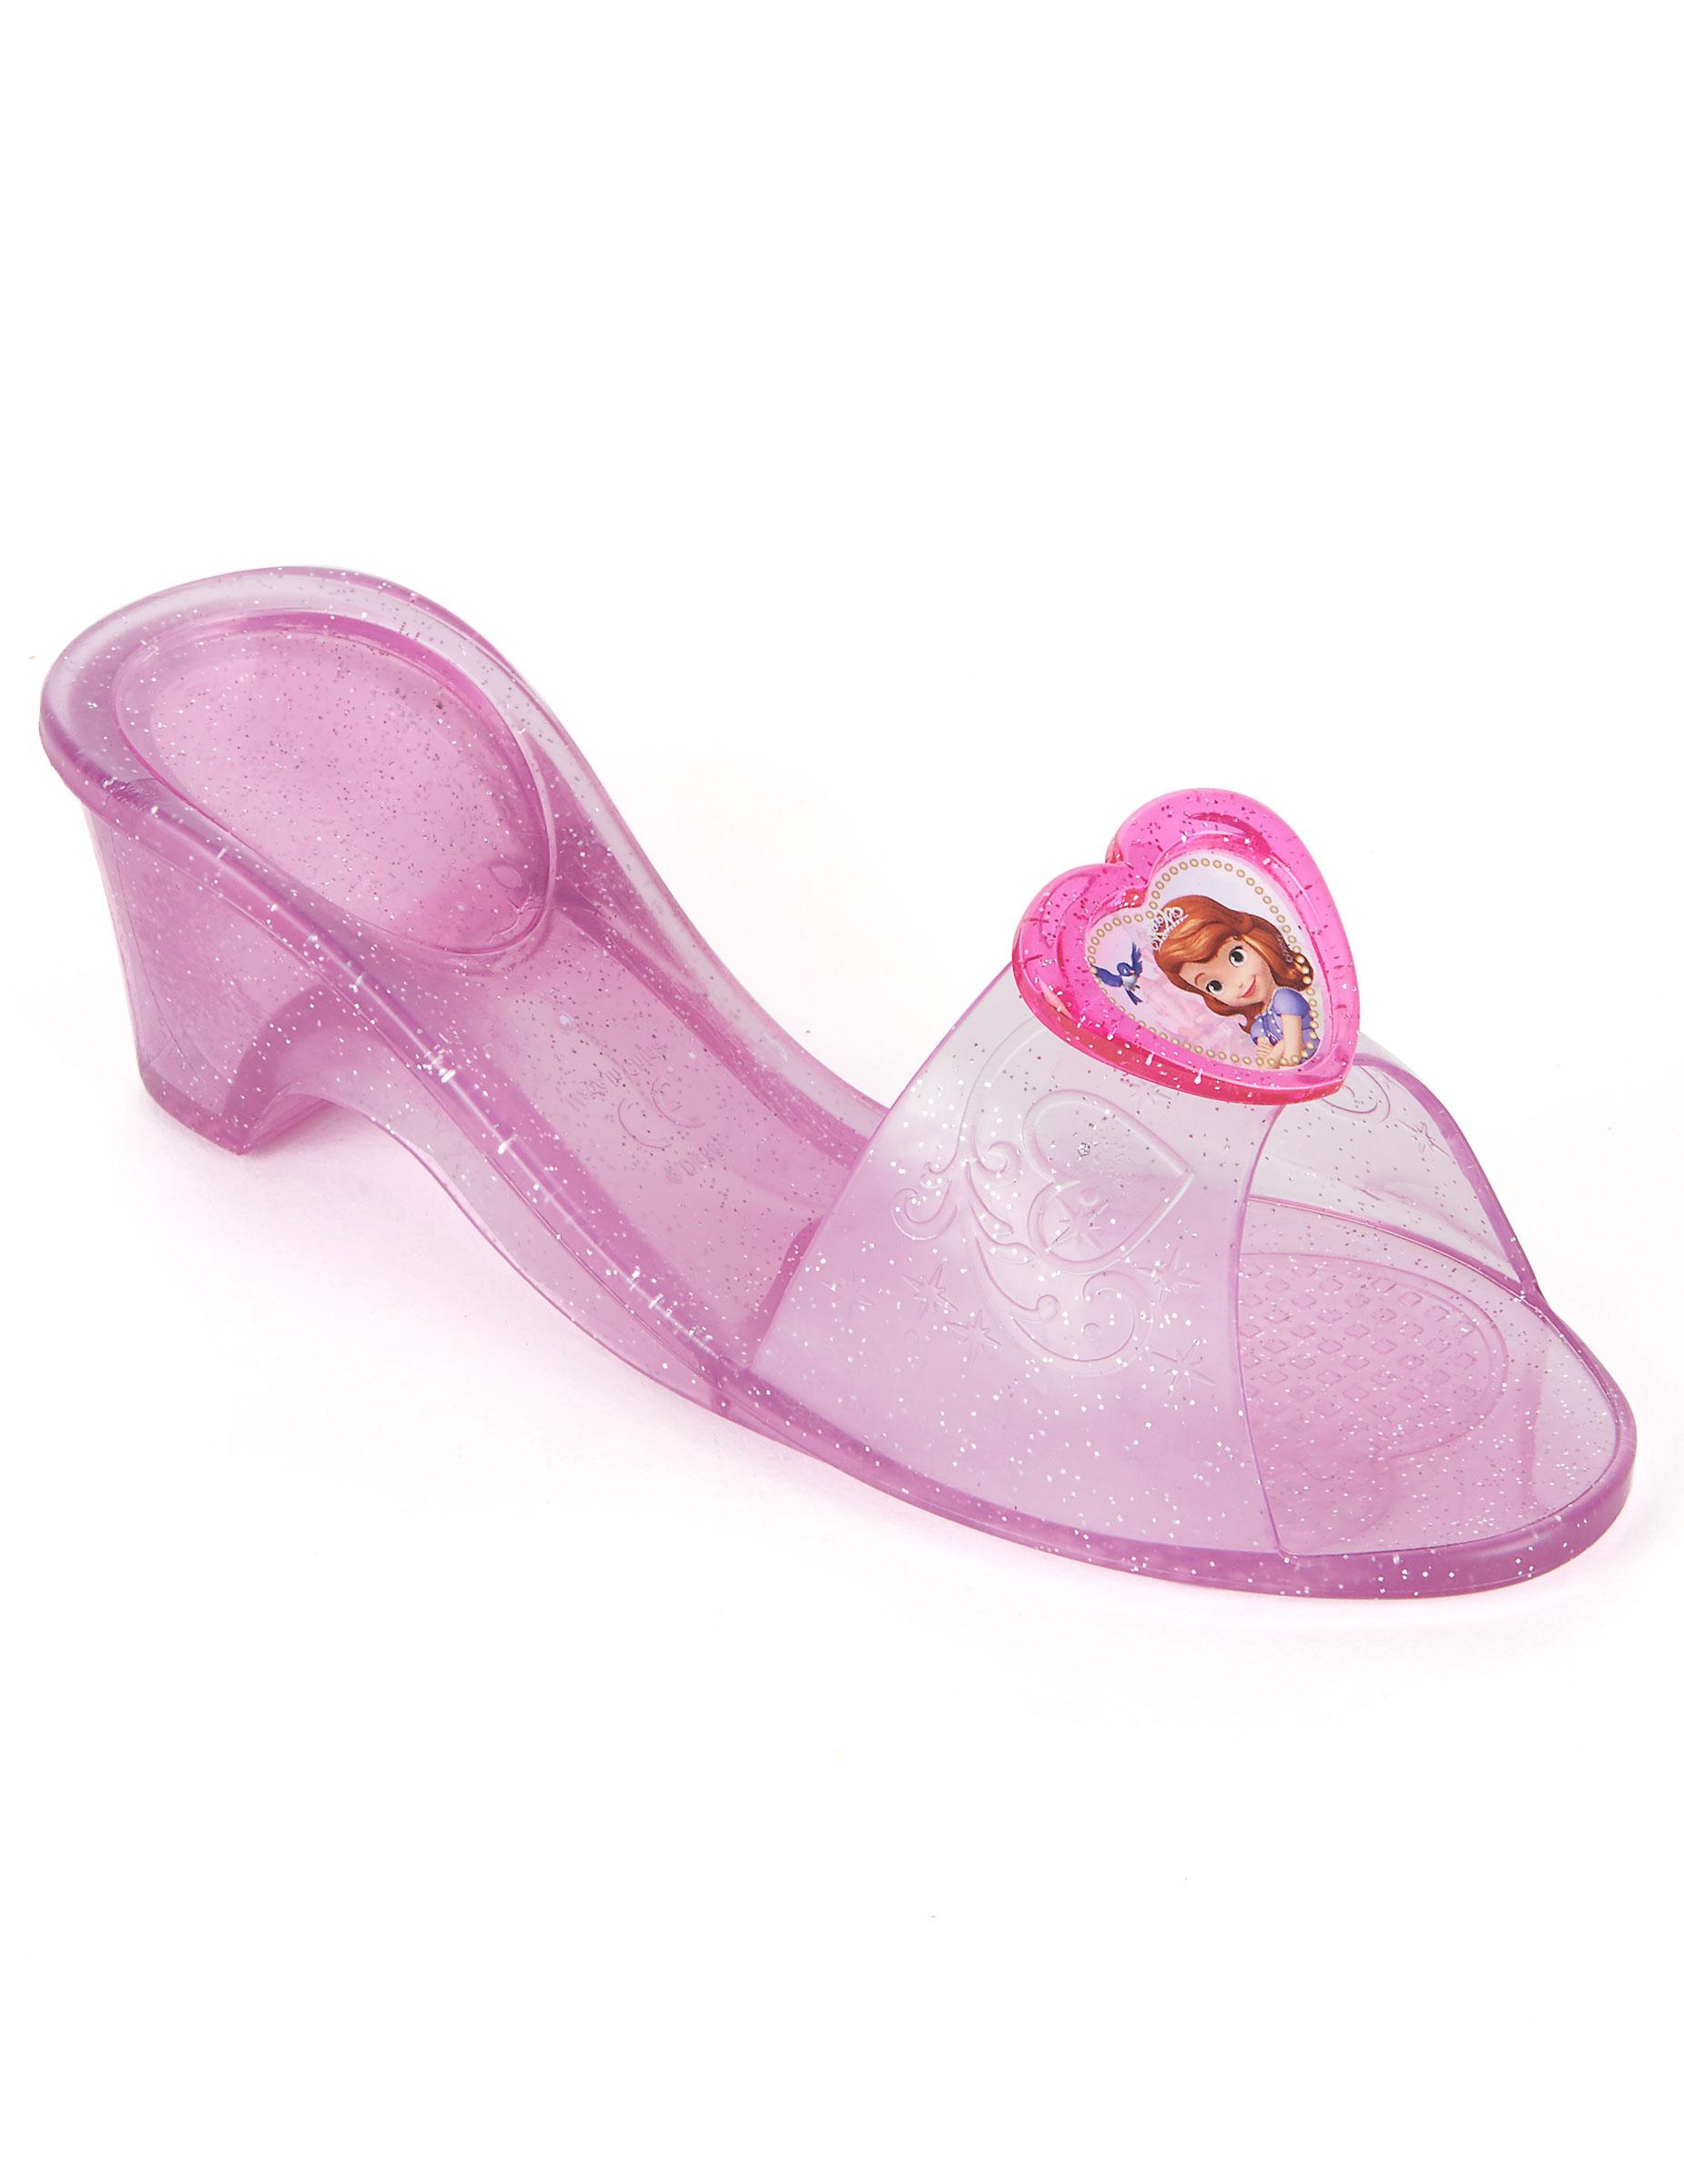 Accessoires Prinsessen Schoenen Laarzen Feest Accessoires Voor Al